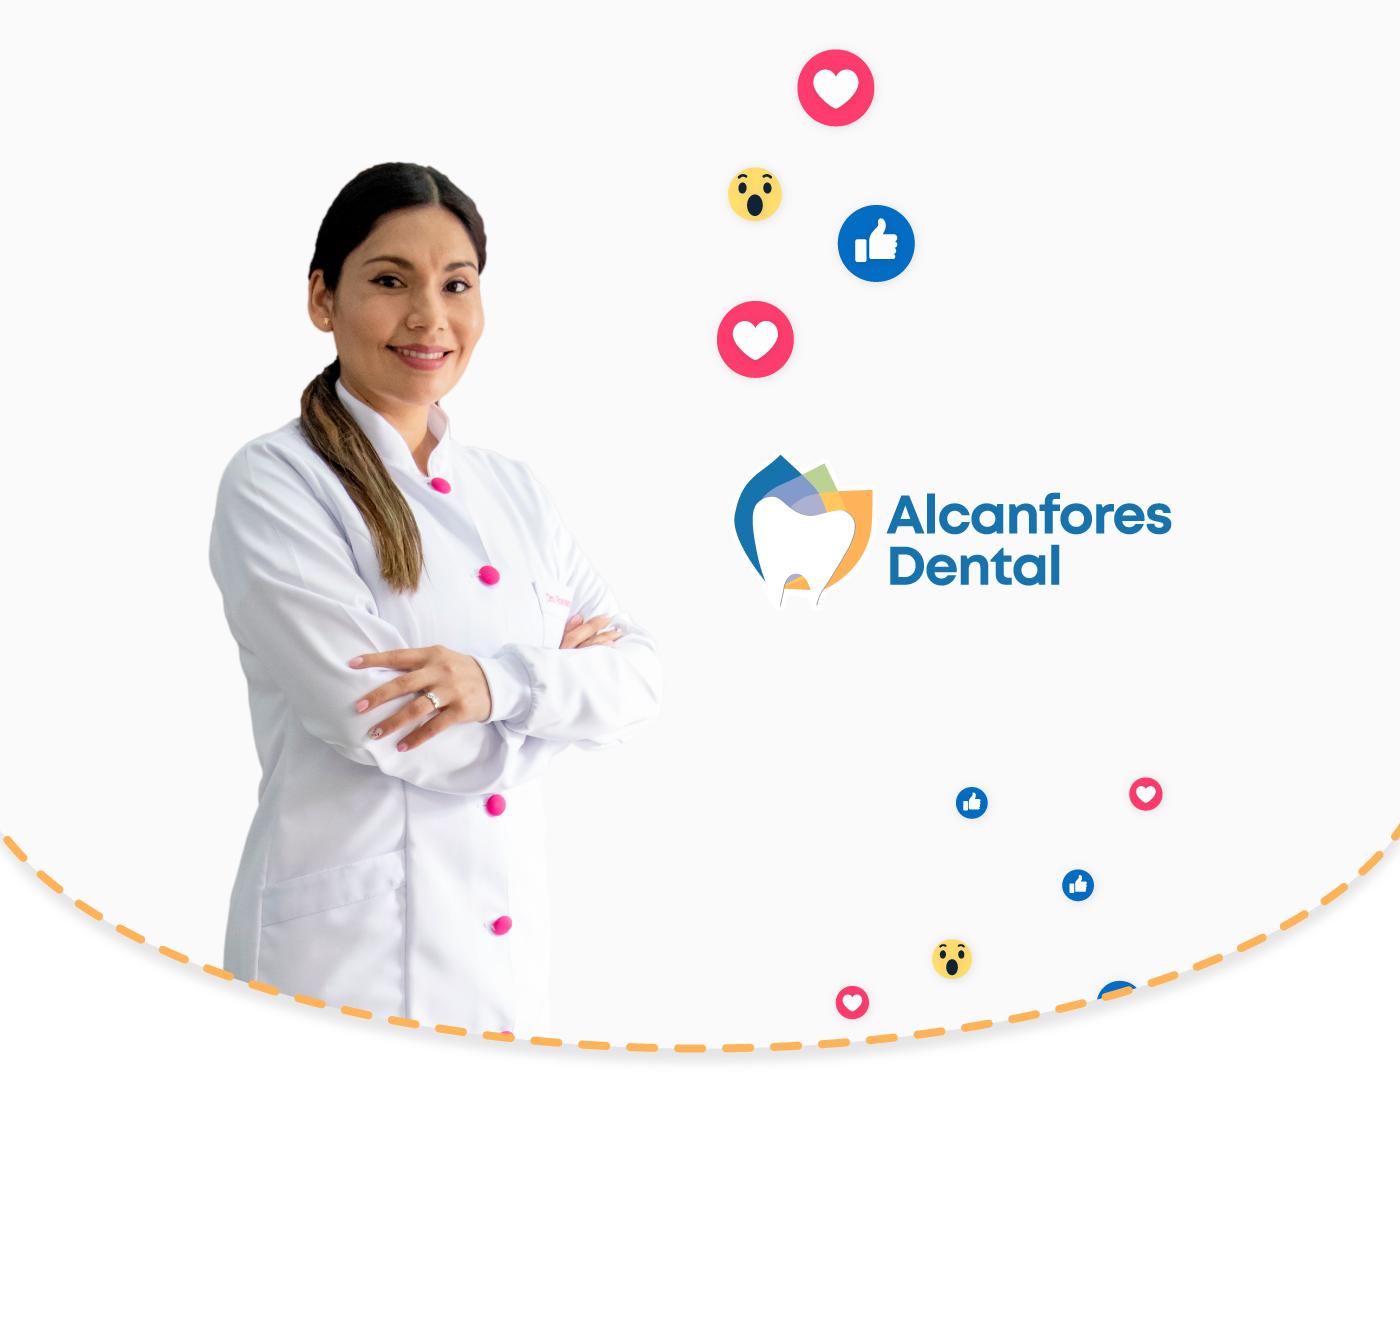 ads brand dental dentist facebook social media